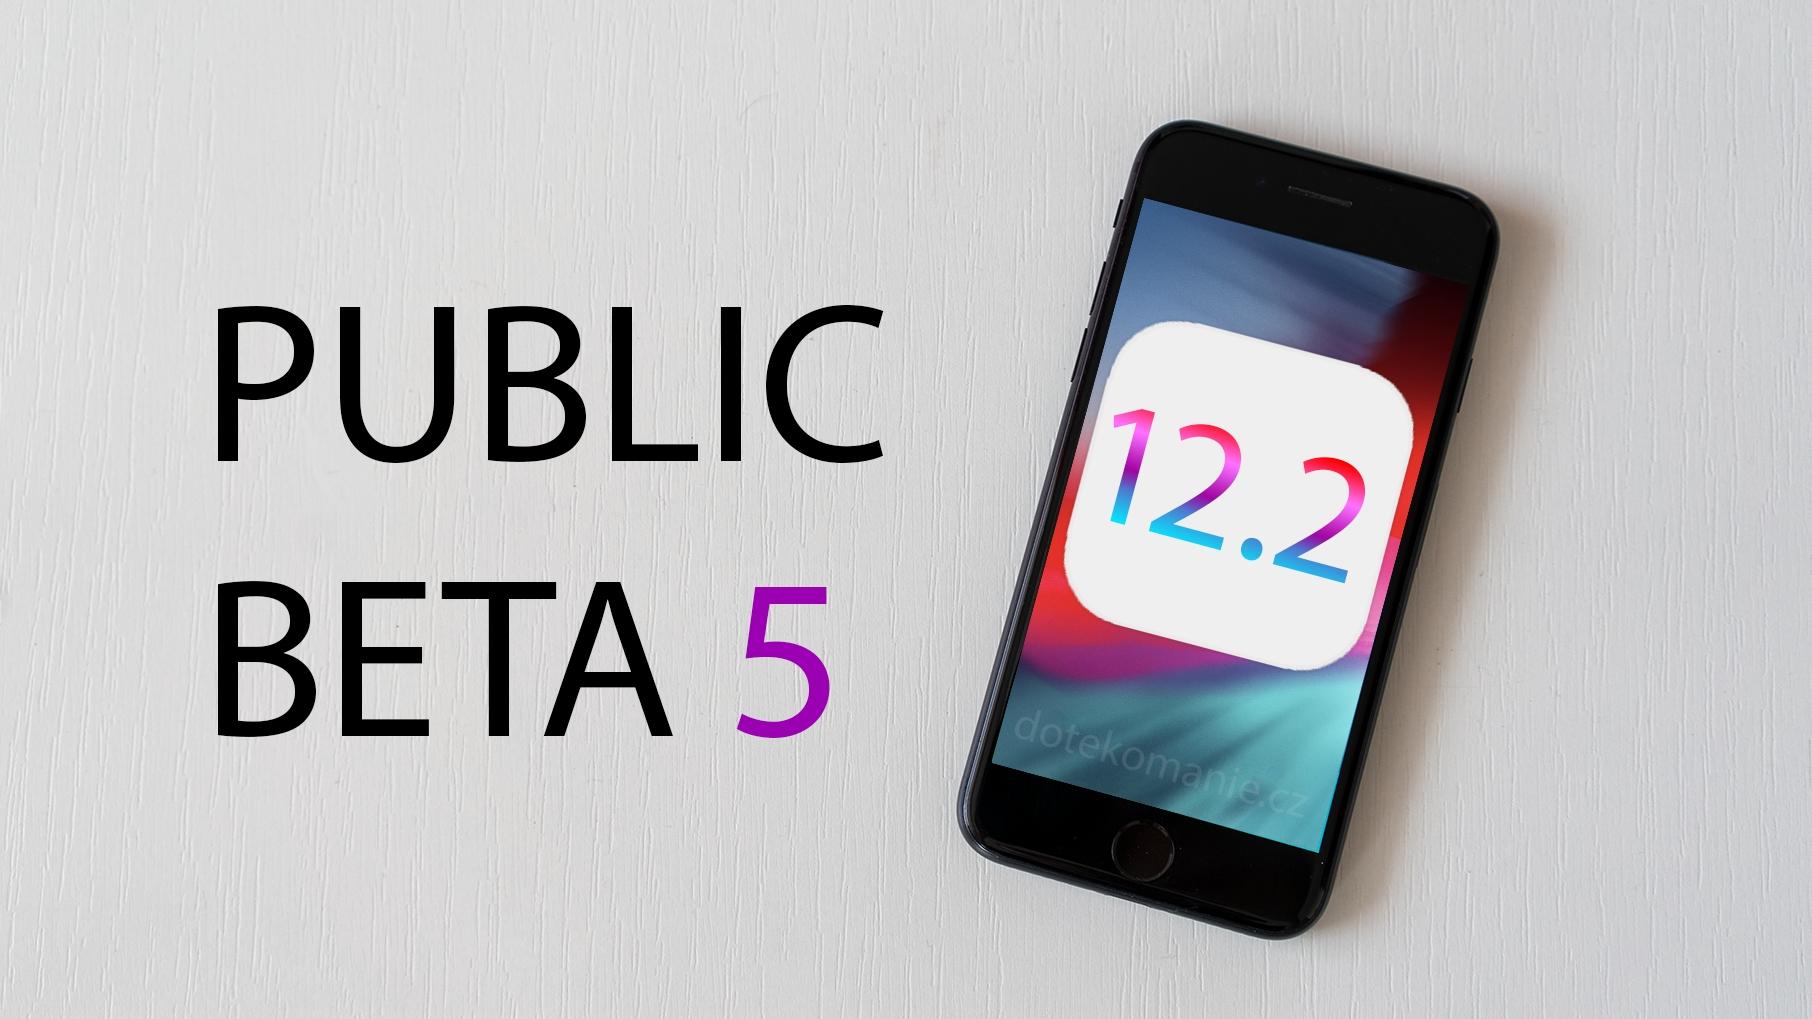 Apple publikoval iOS 12.2 beta 5 a další aktualizace